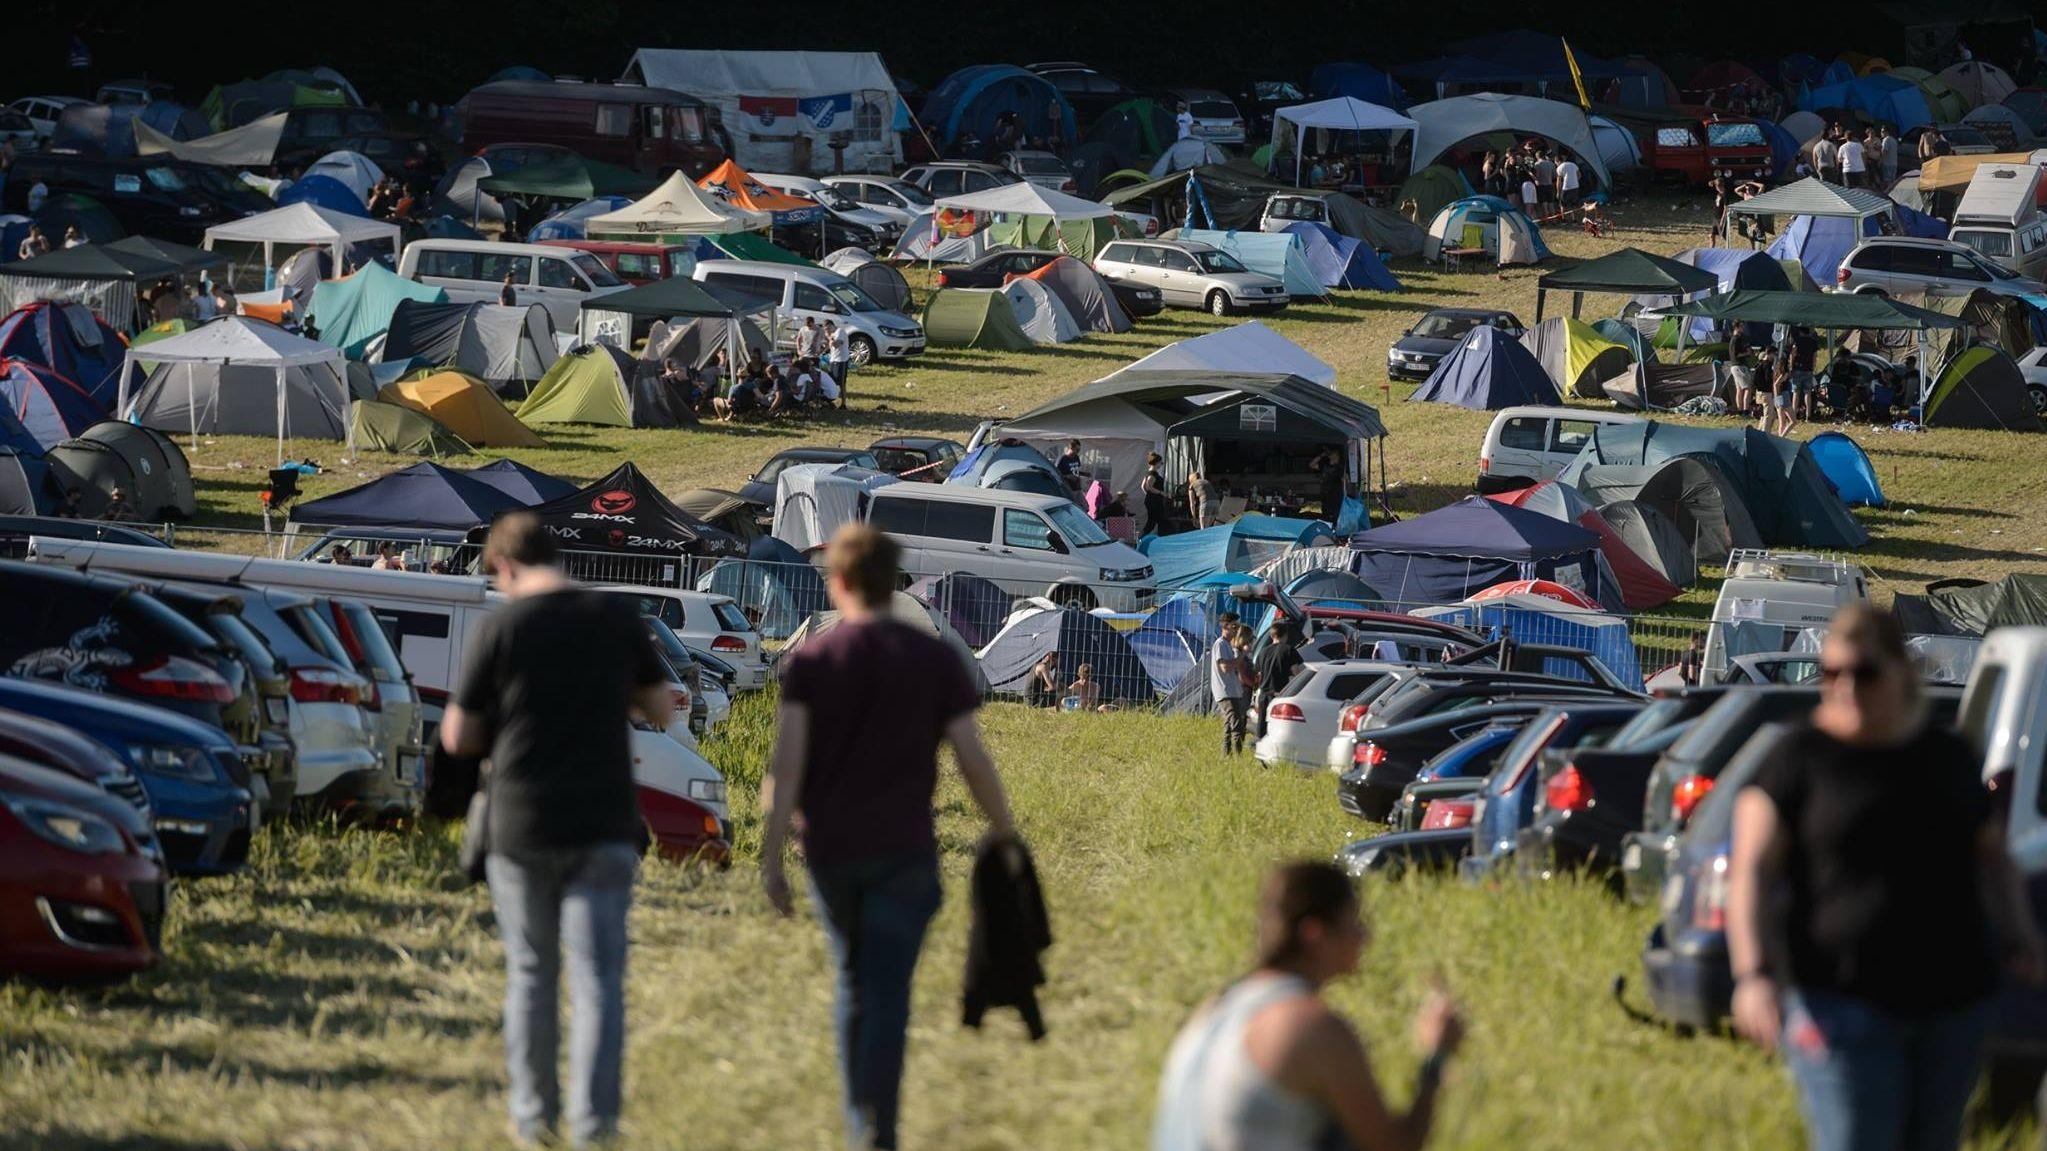 Campingplatz des Festivals